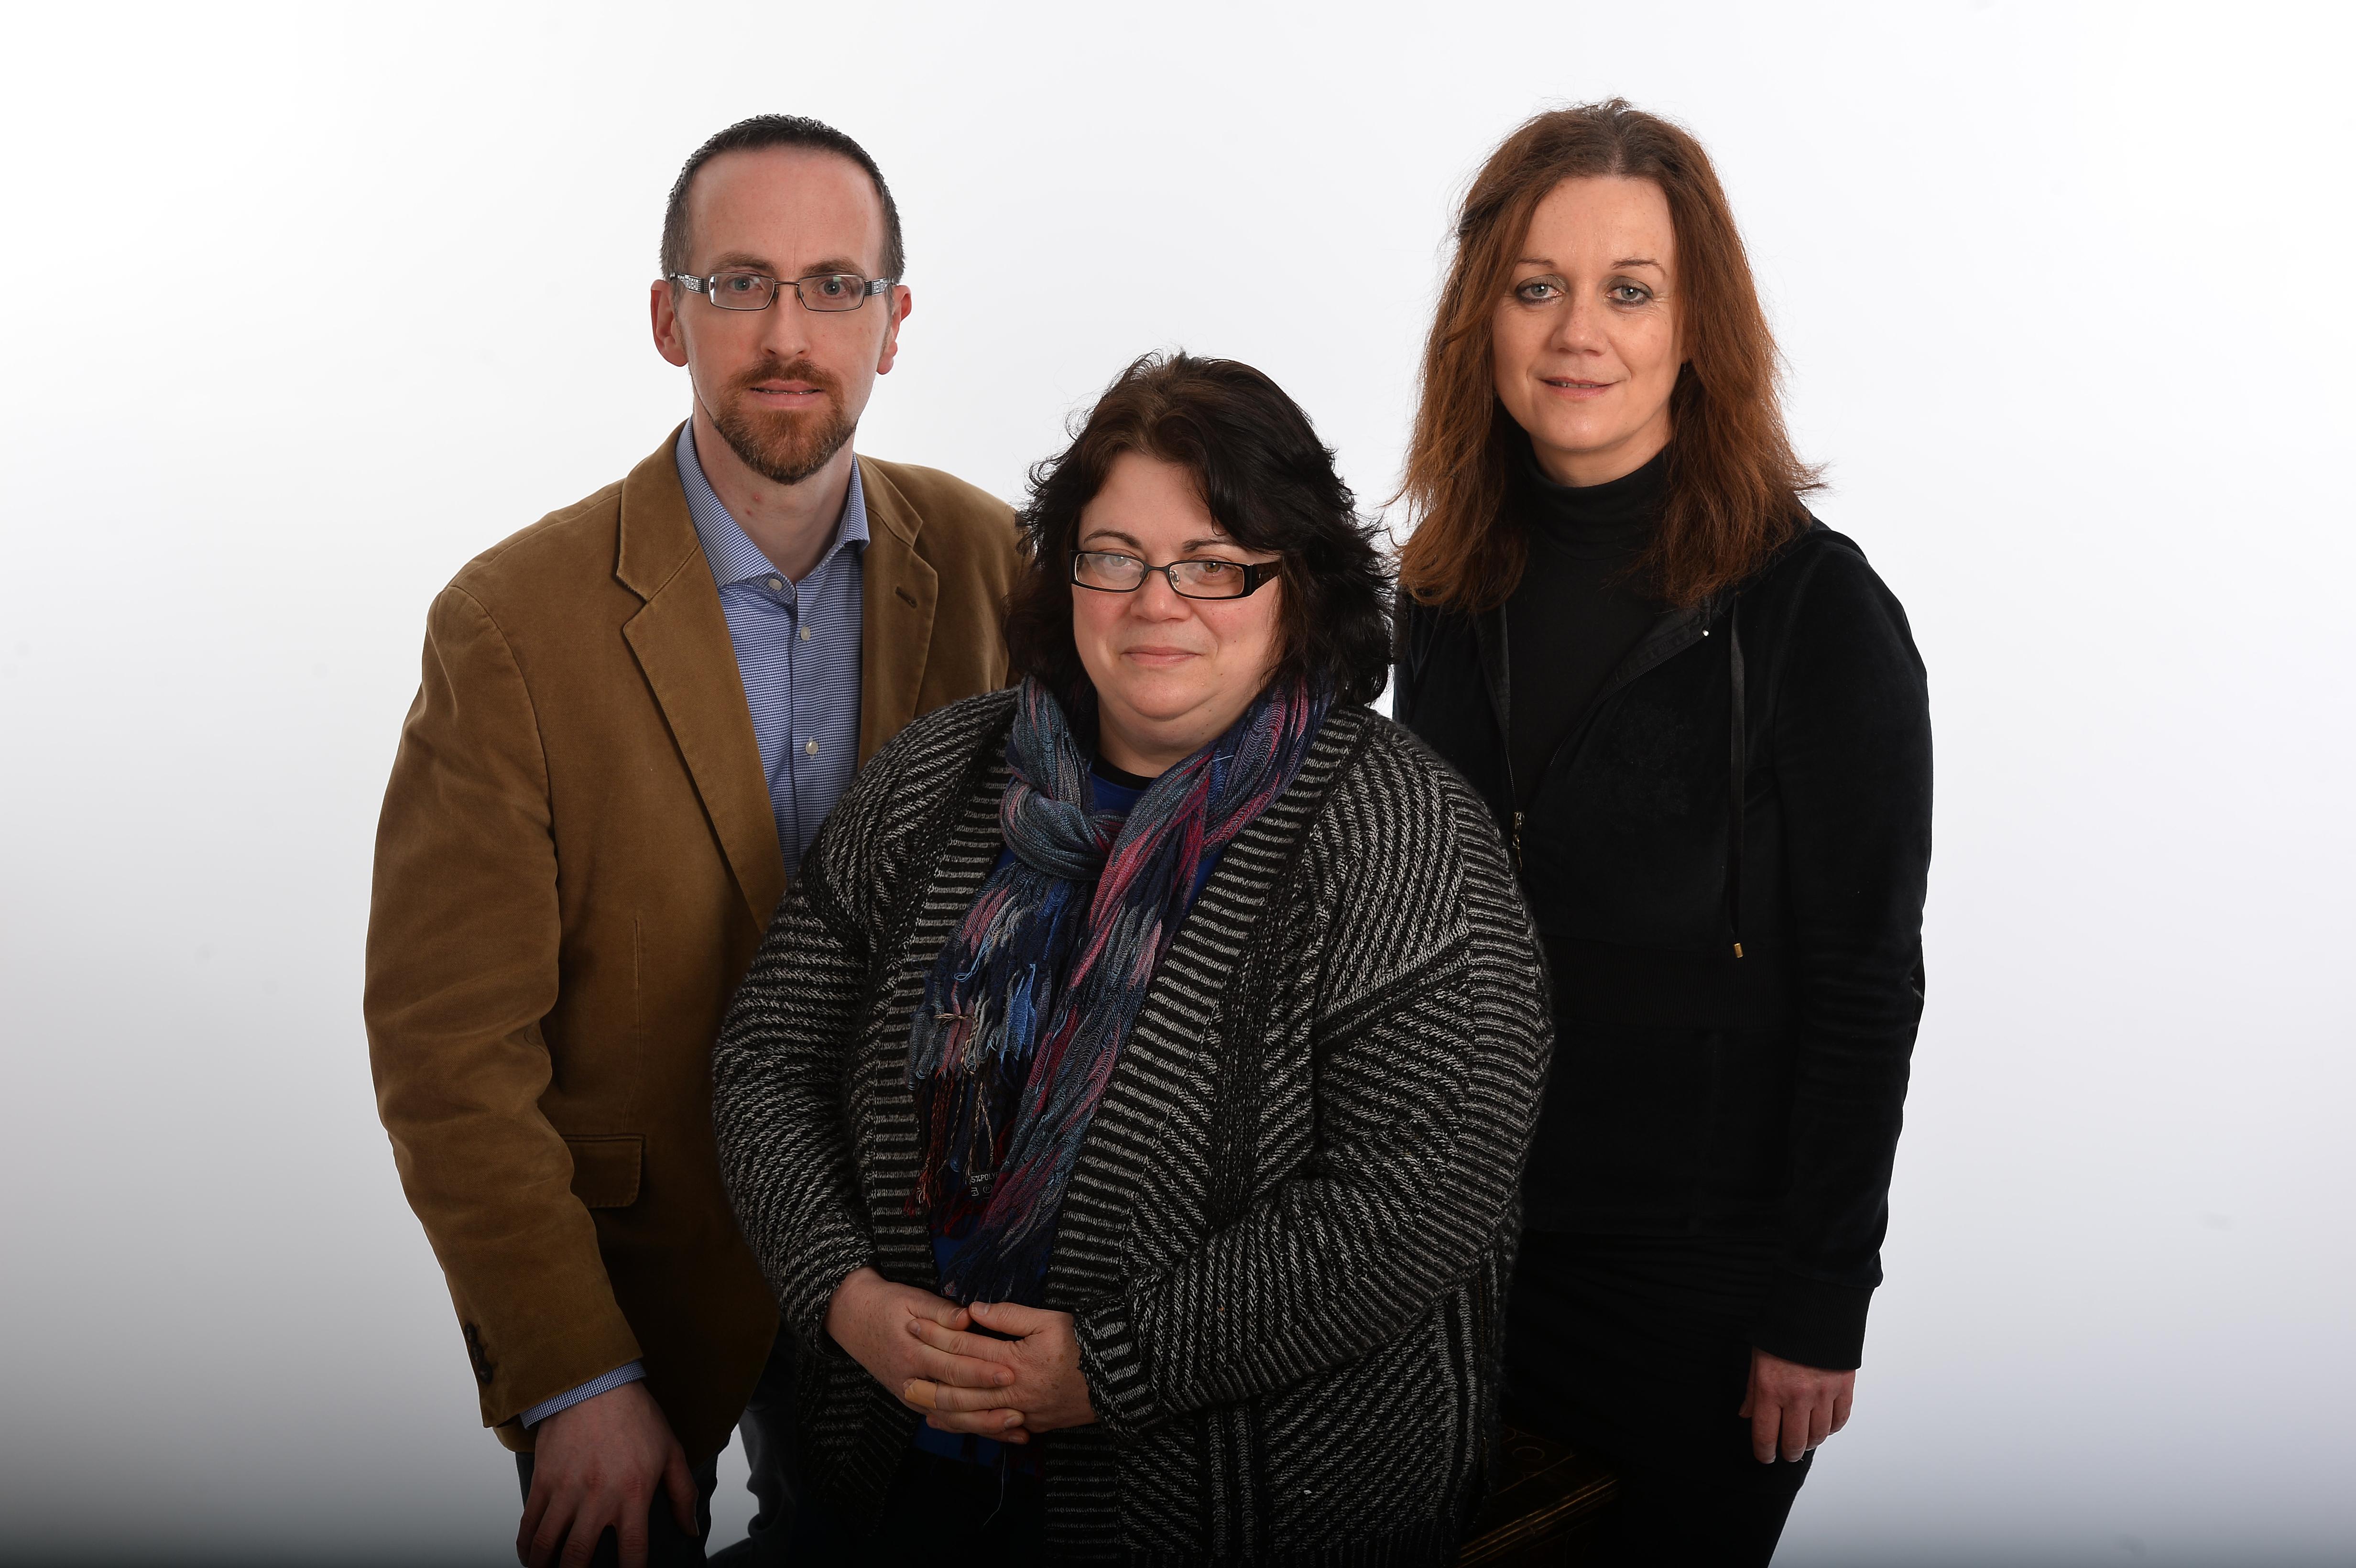 Owen O'Shea, Dr Mary McAuliffe, Bridget McAuliffe.jpg